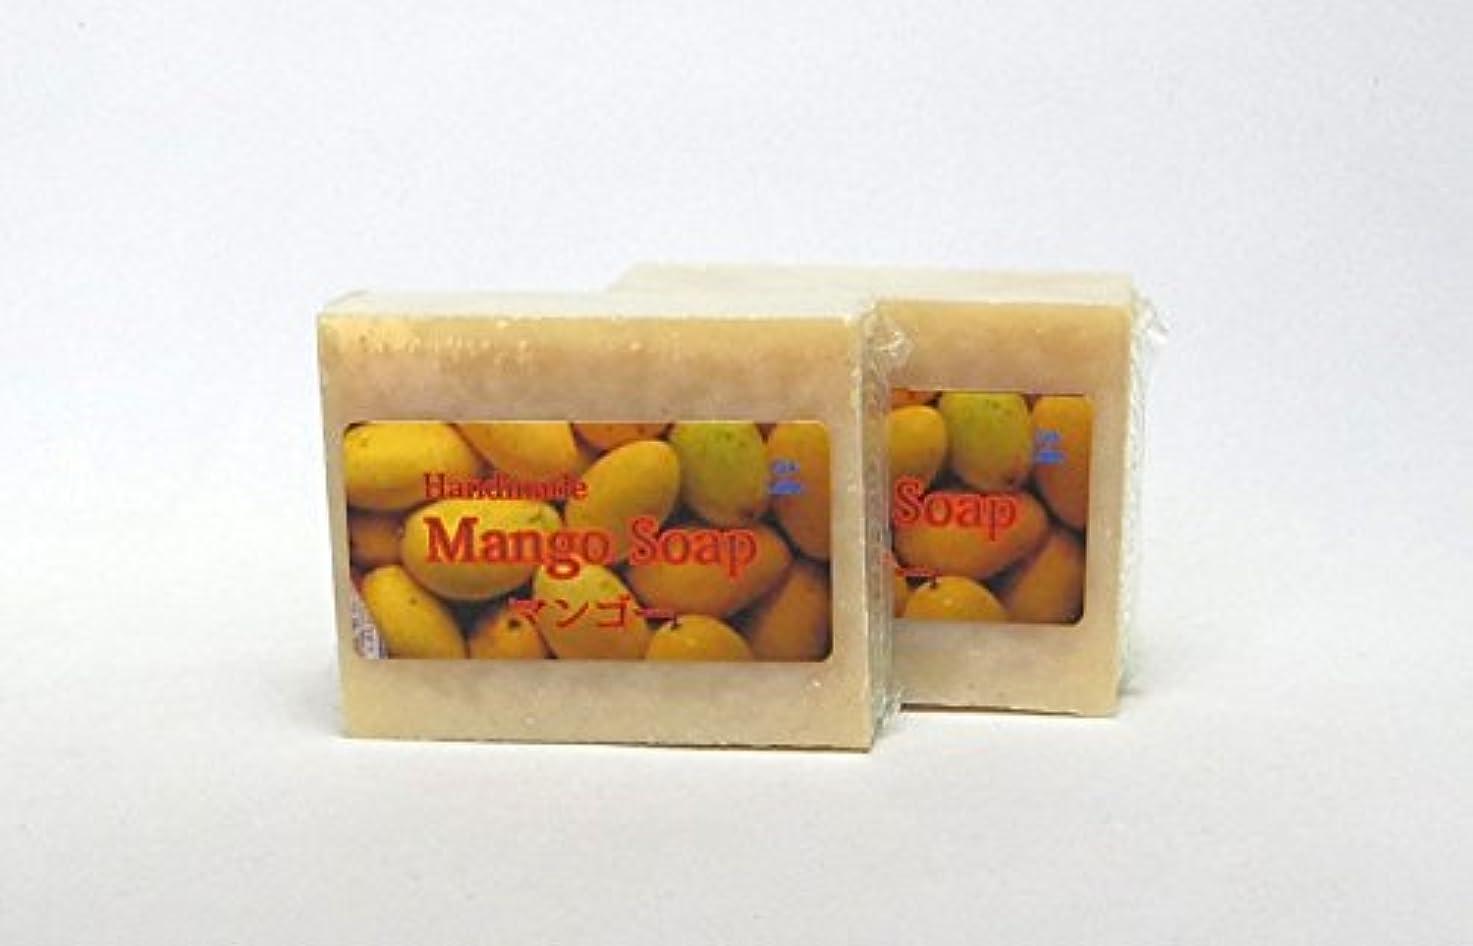 予想するあざに勝るGH-Labo マンゴー釜焚手作り純石鹸 2個セット